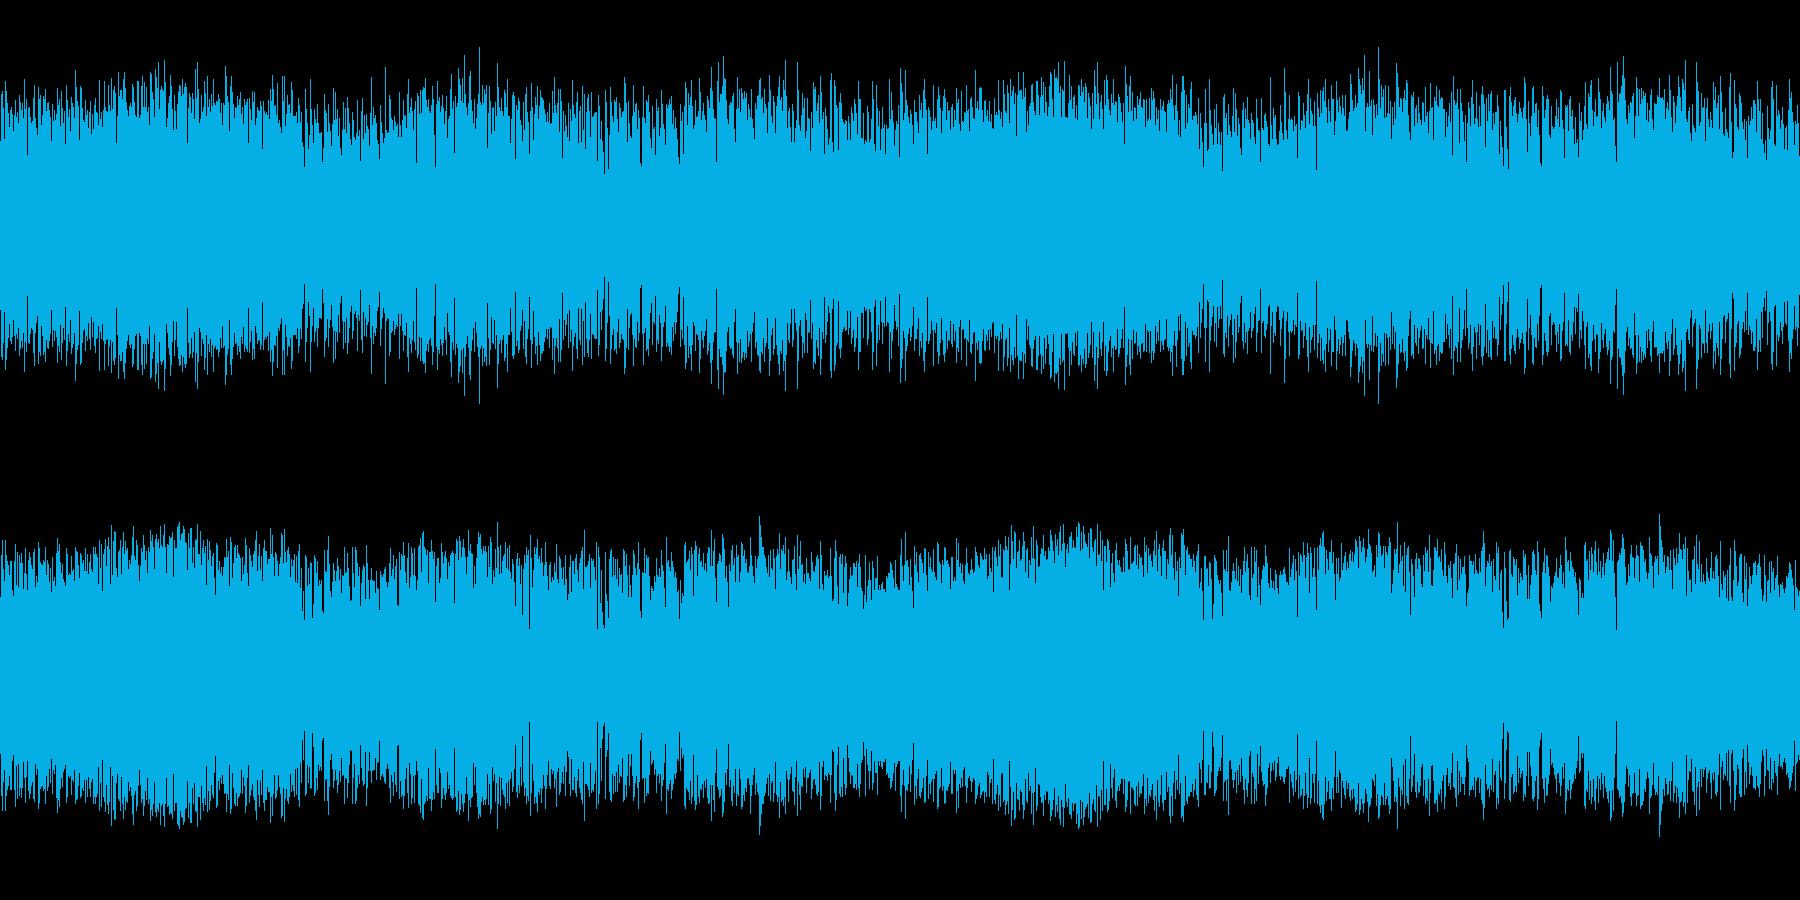 シューティングゲームなどにの再生済みの波形